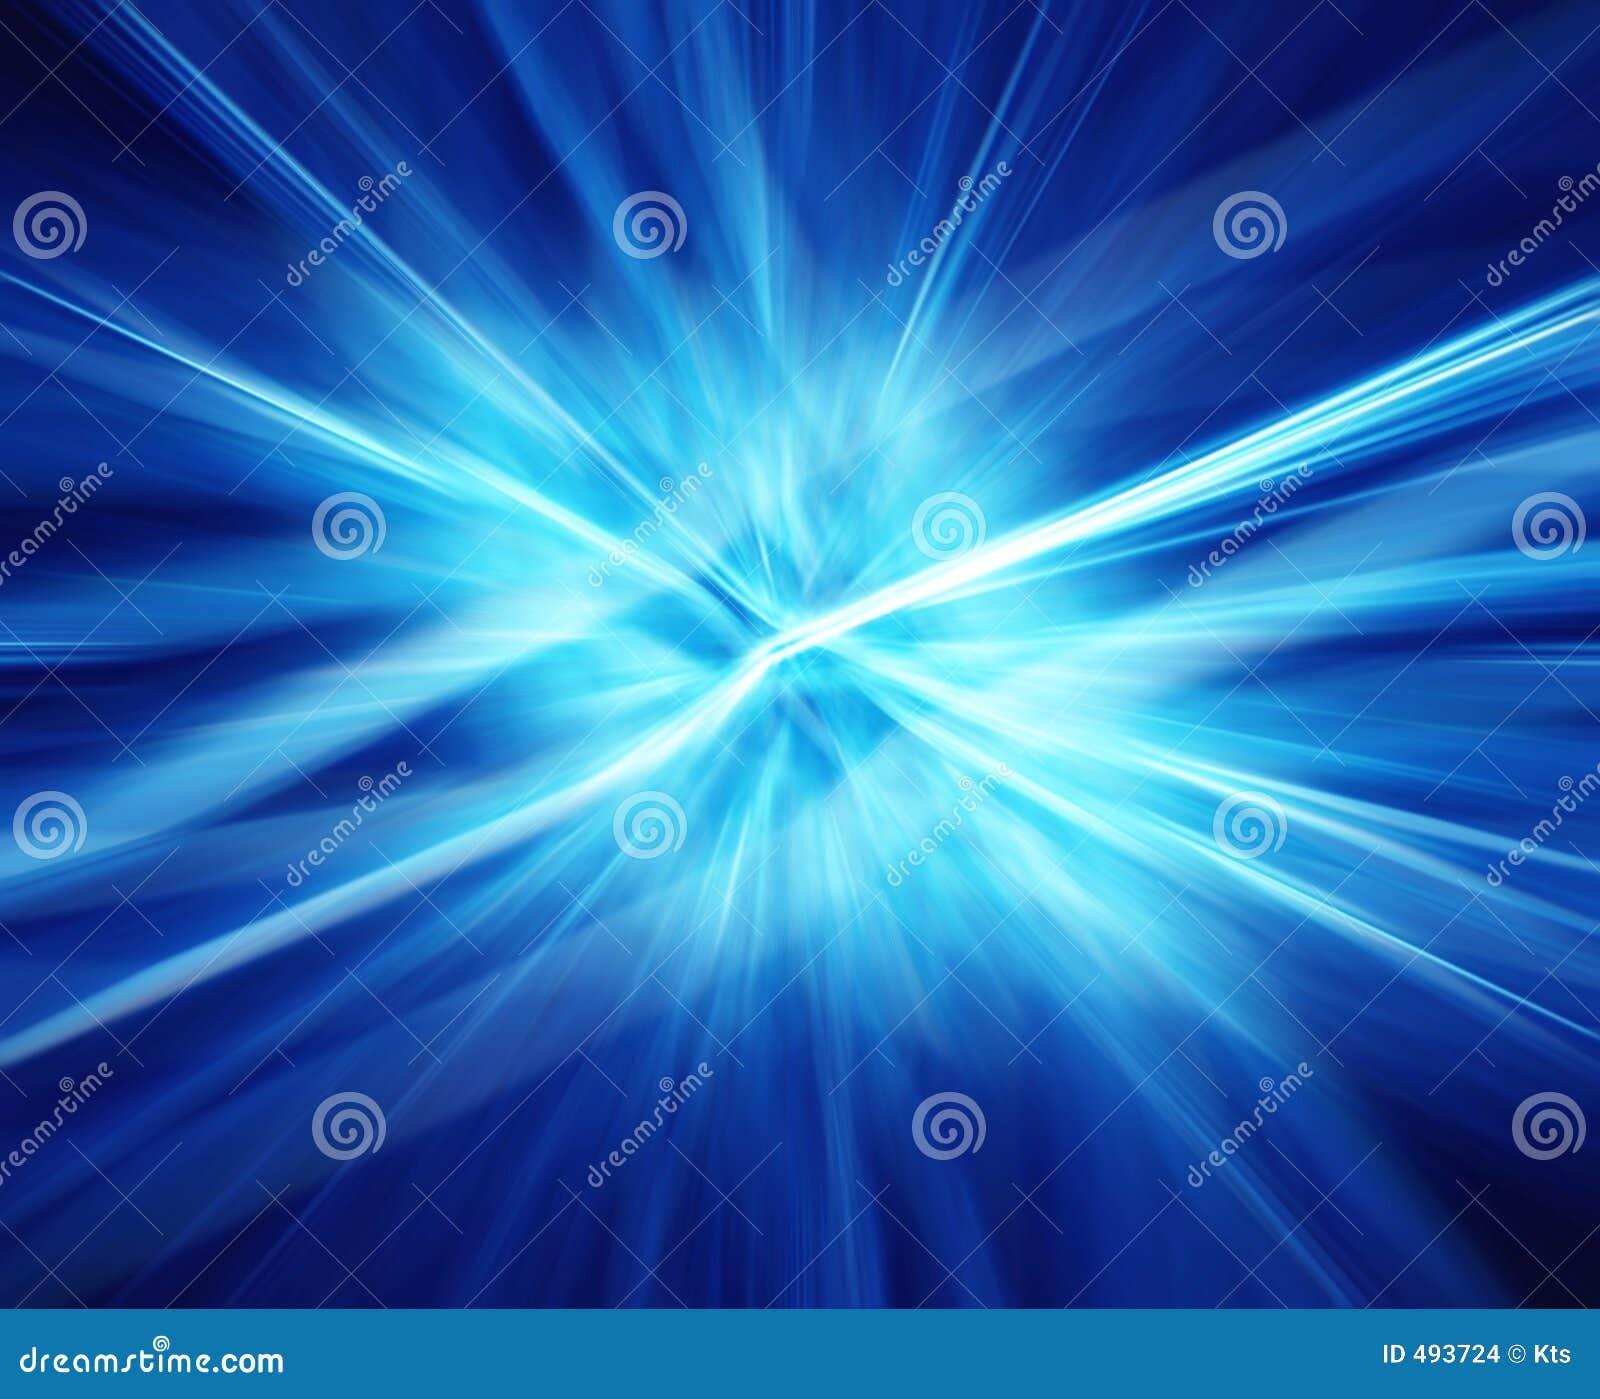 Strahlen der blauen Energie.